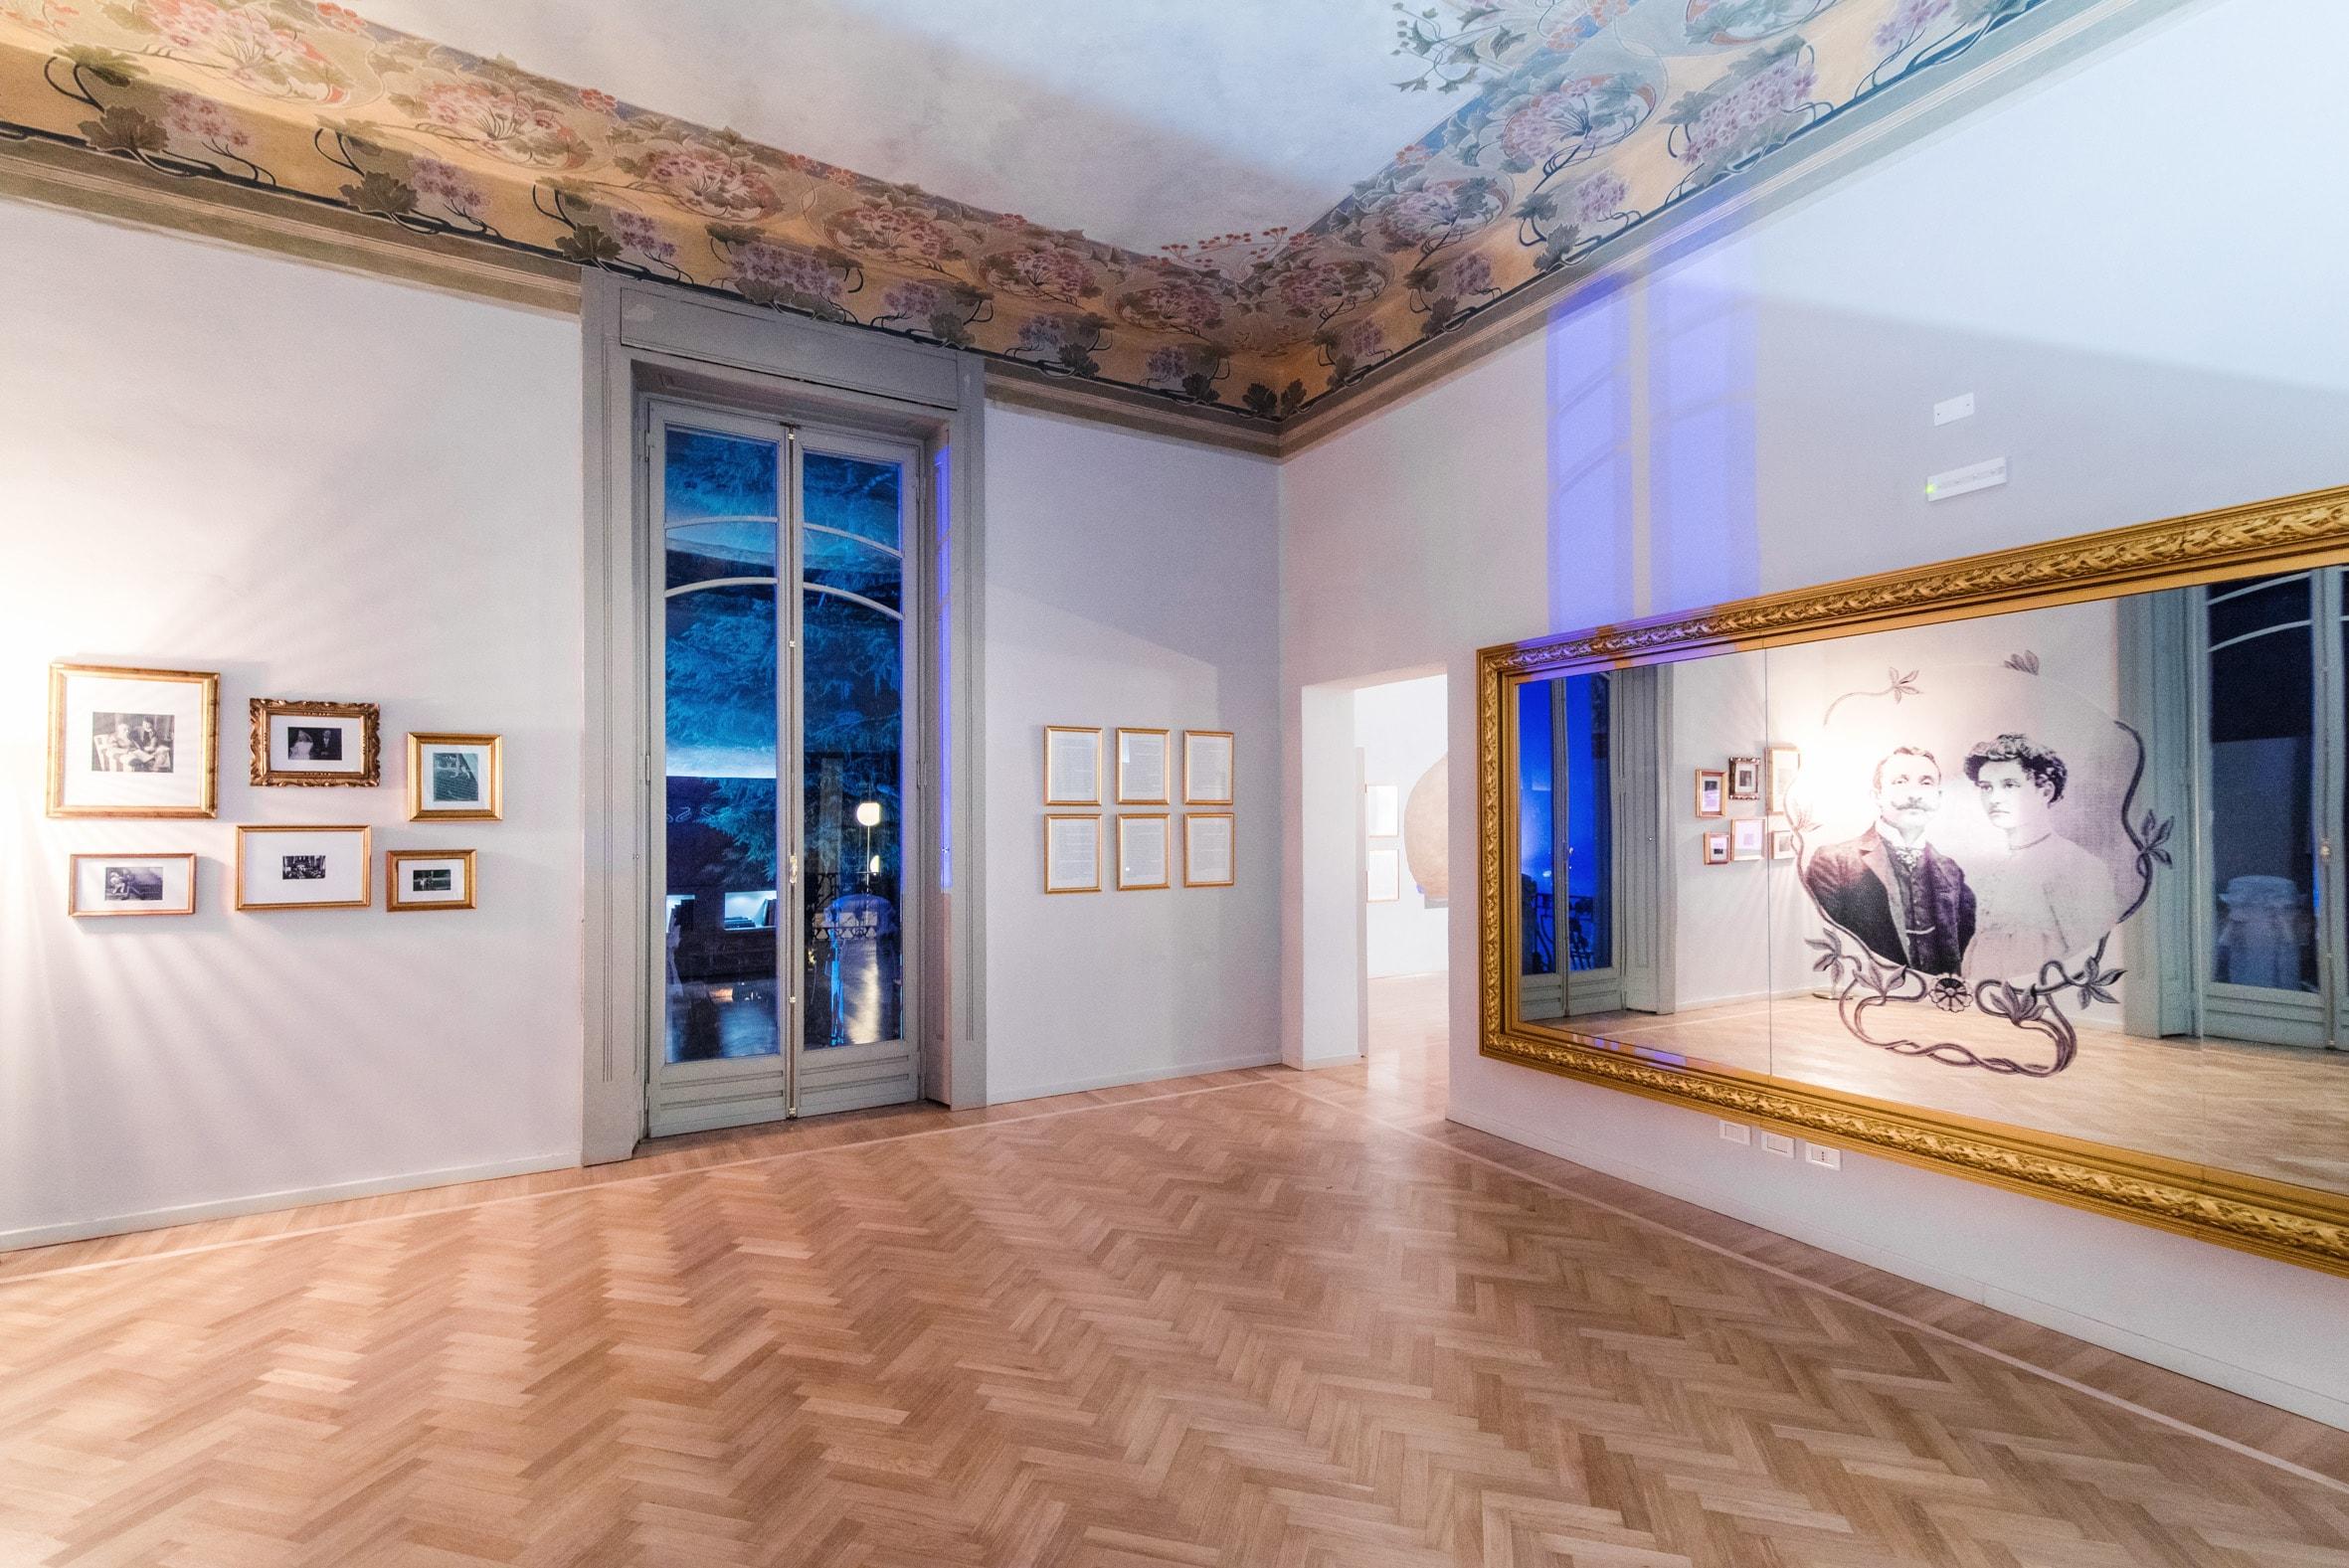 Una nuova e originale realtà museale apre al pubblico a Cernobbio, sul Lago di Como: si tratta del Museo di Villa Bernasconi, un gioiello Liberty fresco di restauro che ora sarà fruibile dal pubblico.